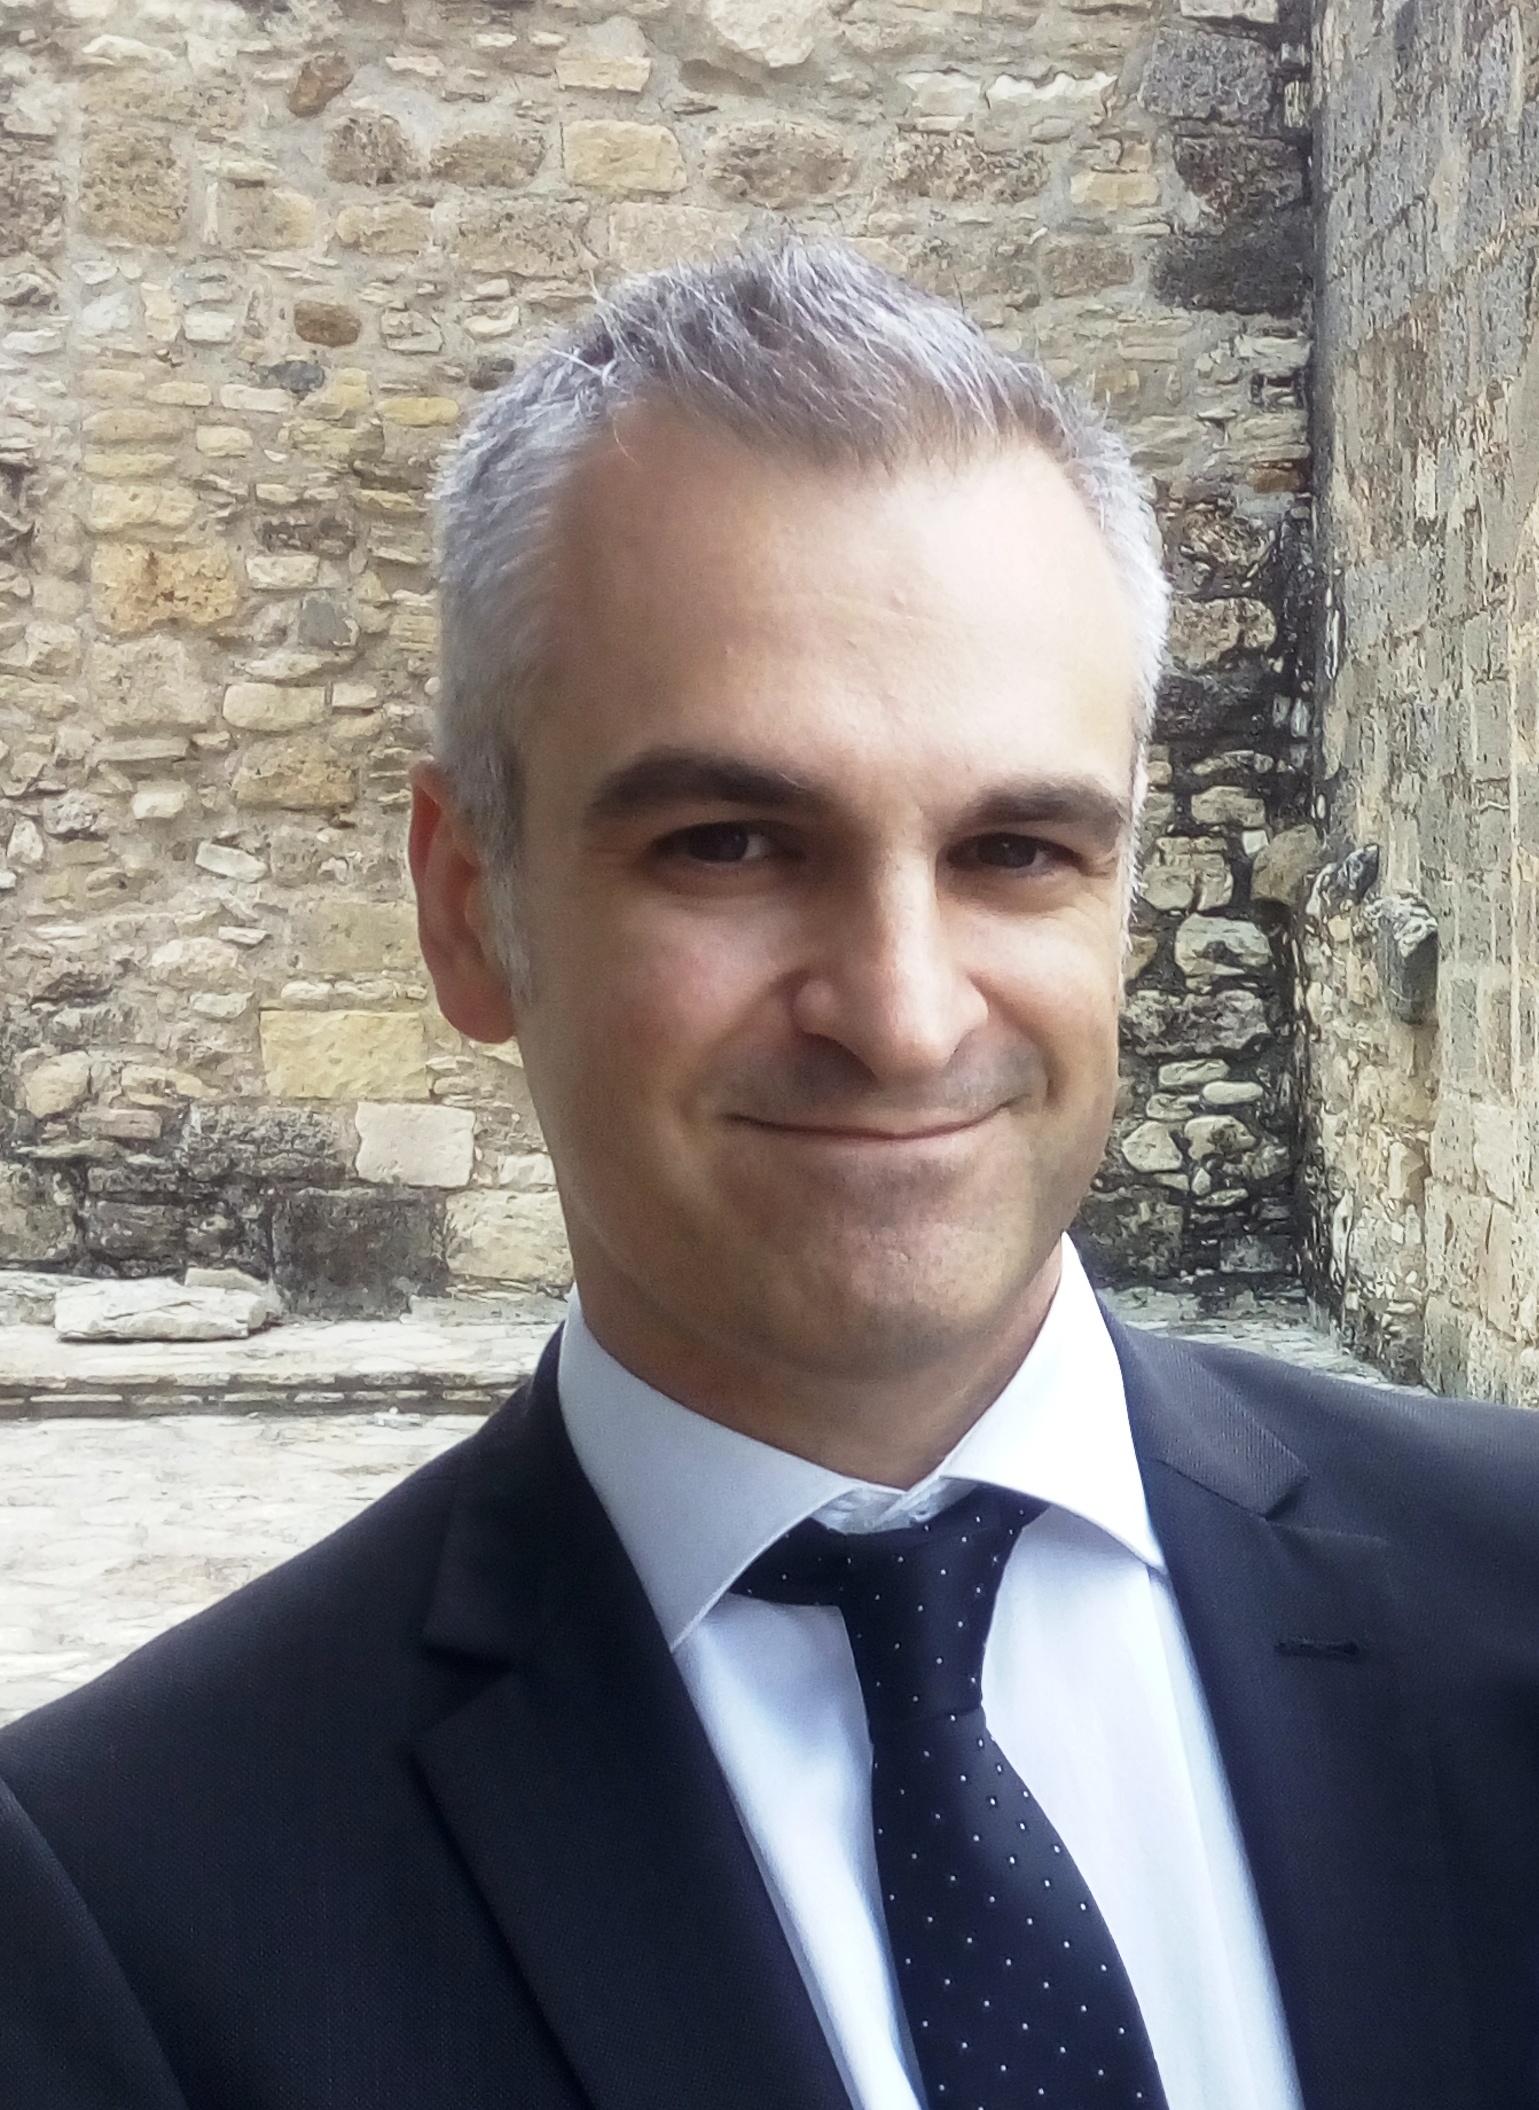 Γιώργος Κακαρνιάς: Άμεση η ανάγκη αποσυμφόρησης των φυλακών